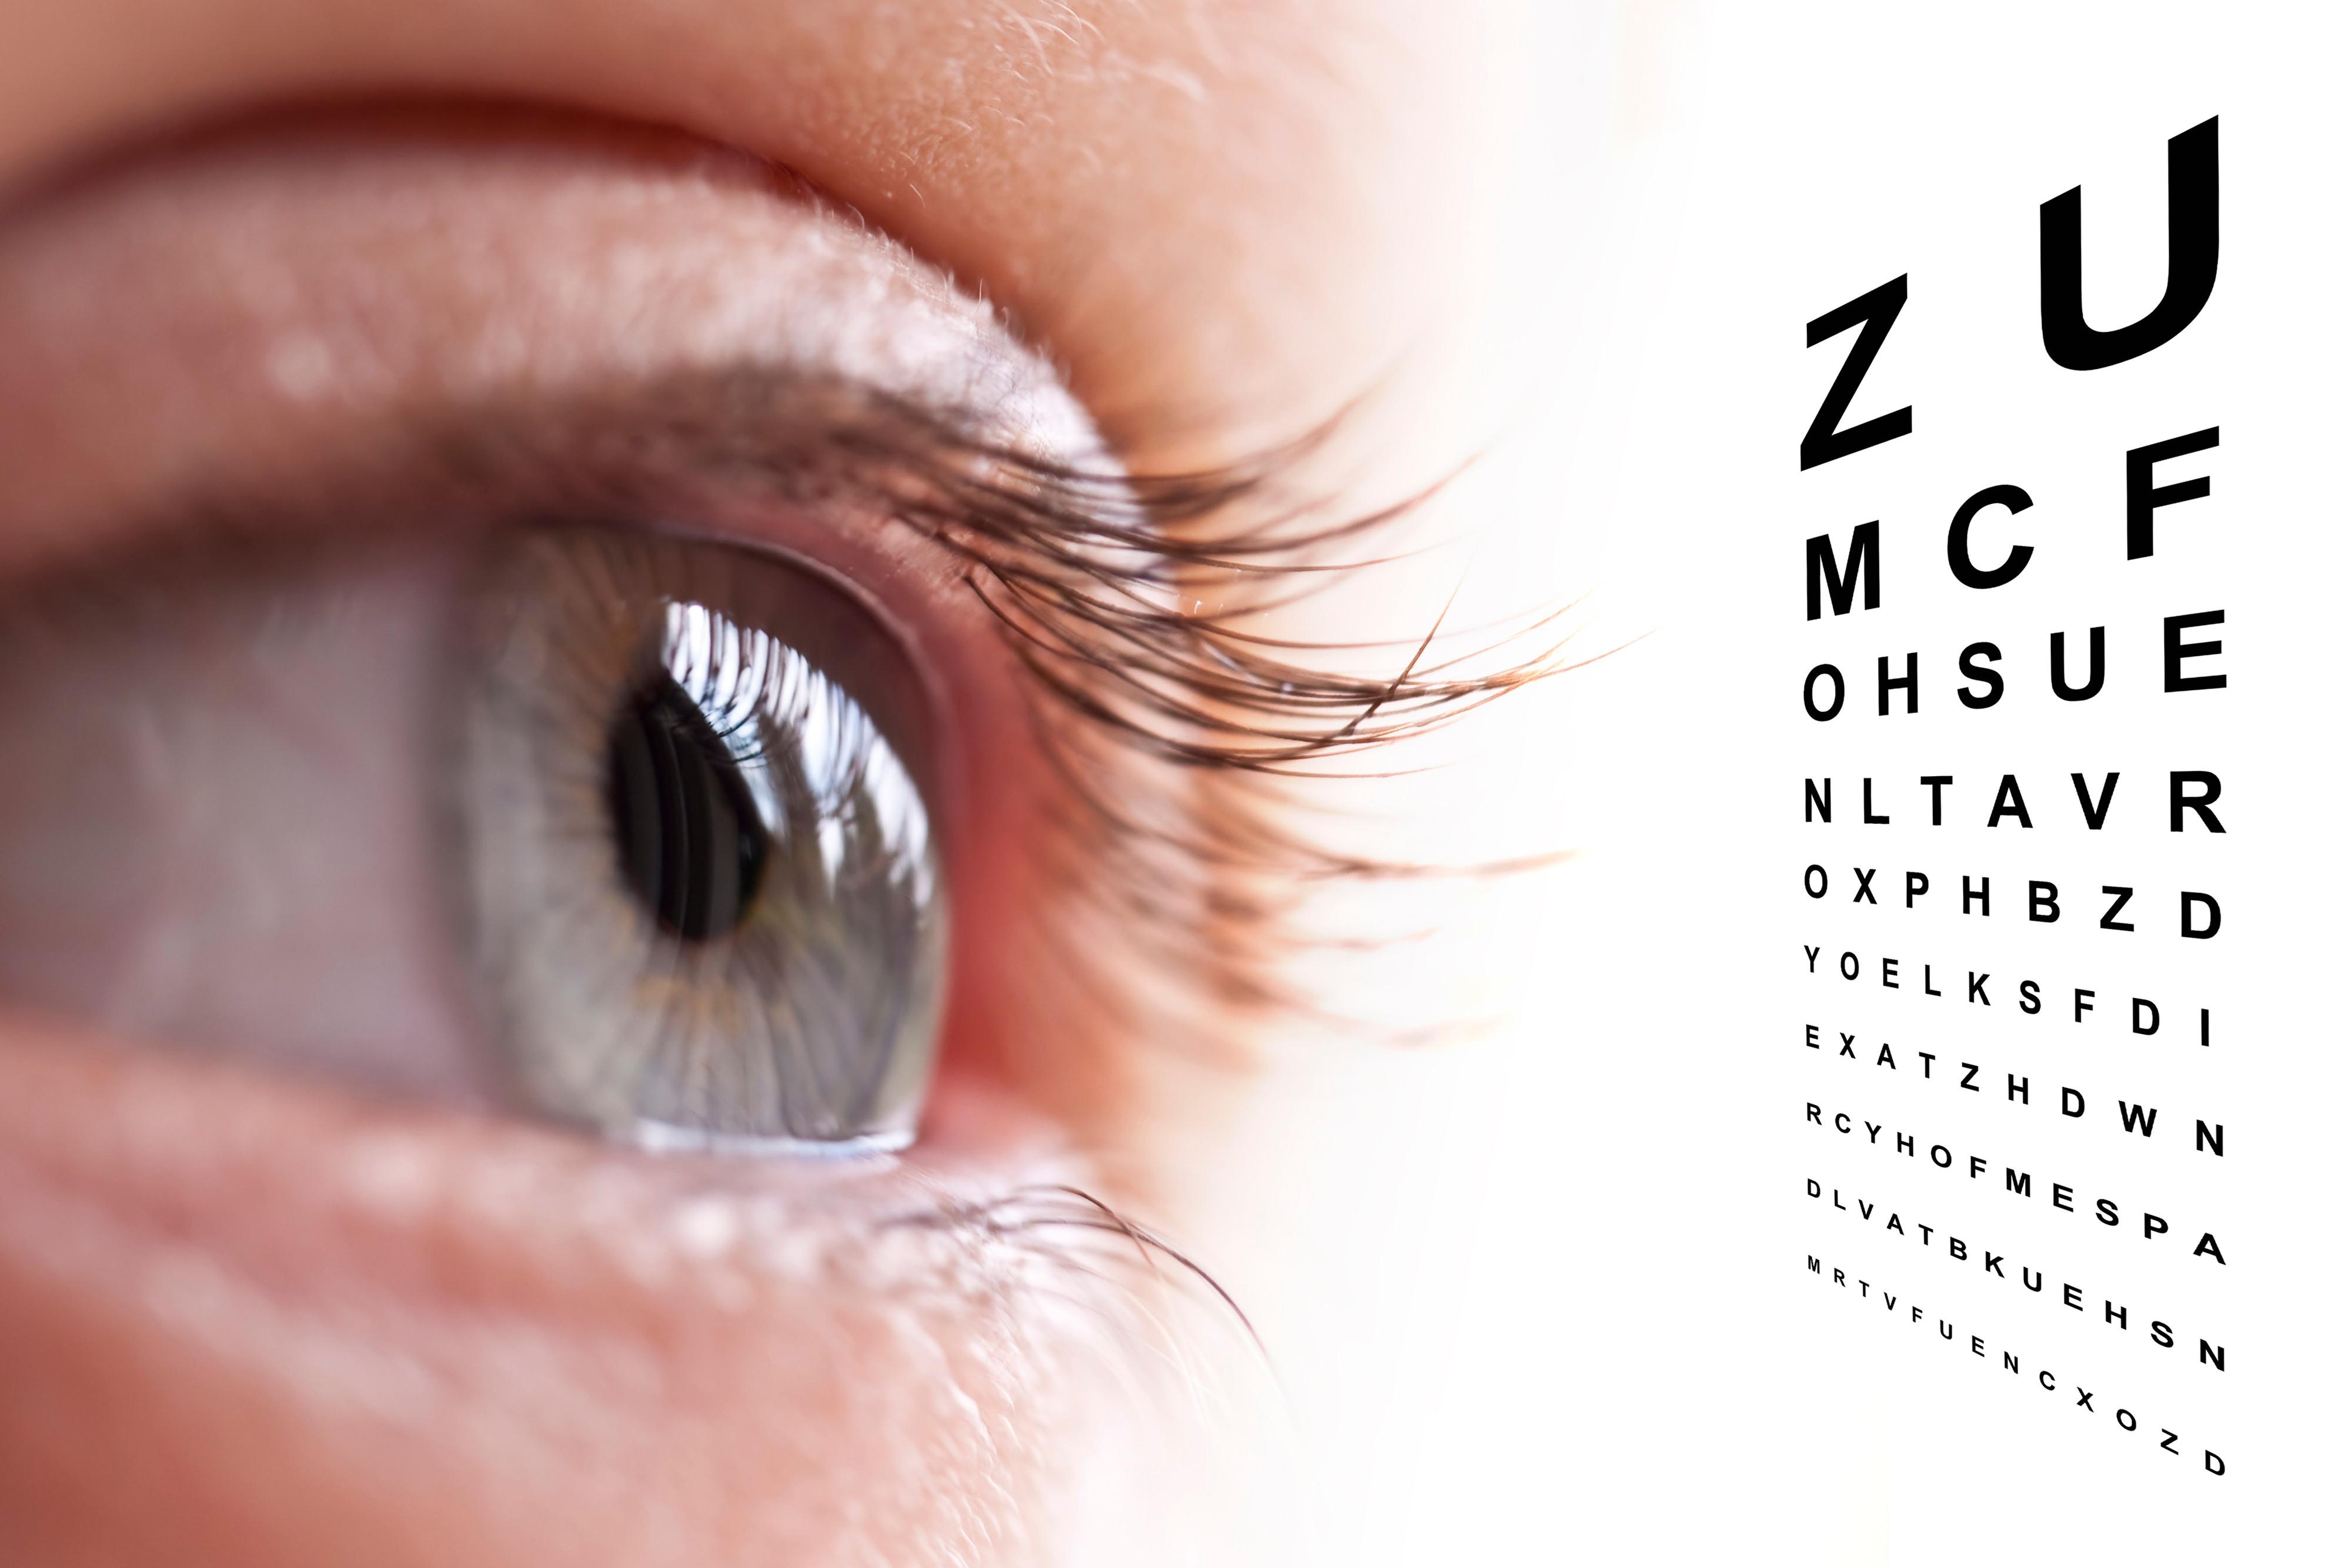 Øyelidelser